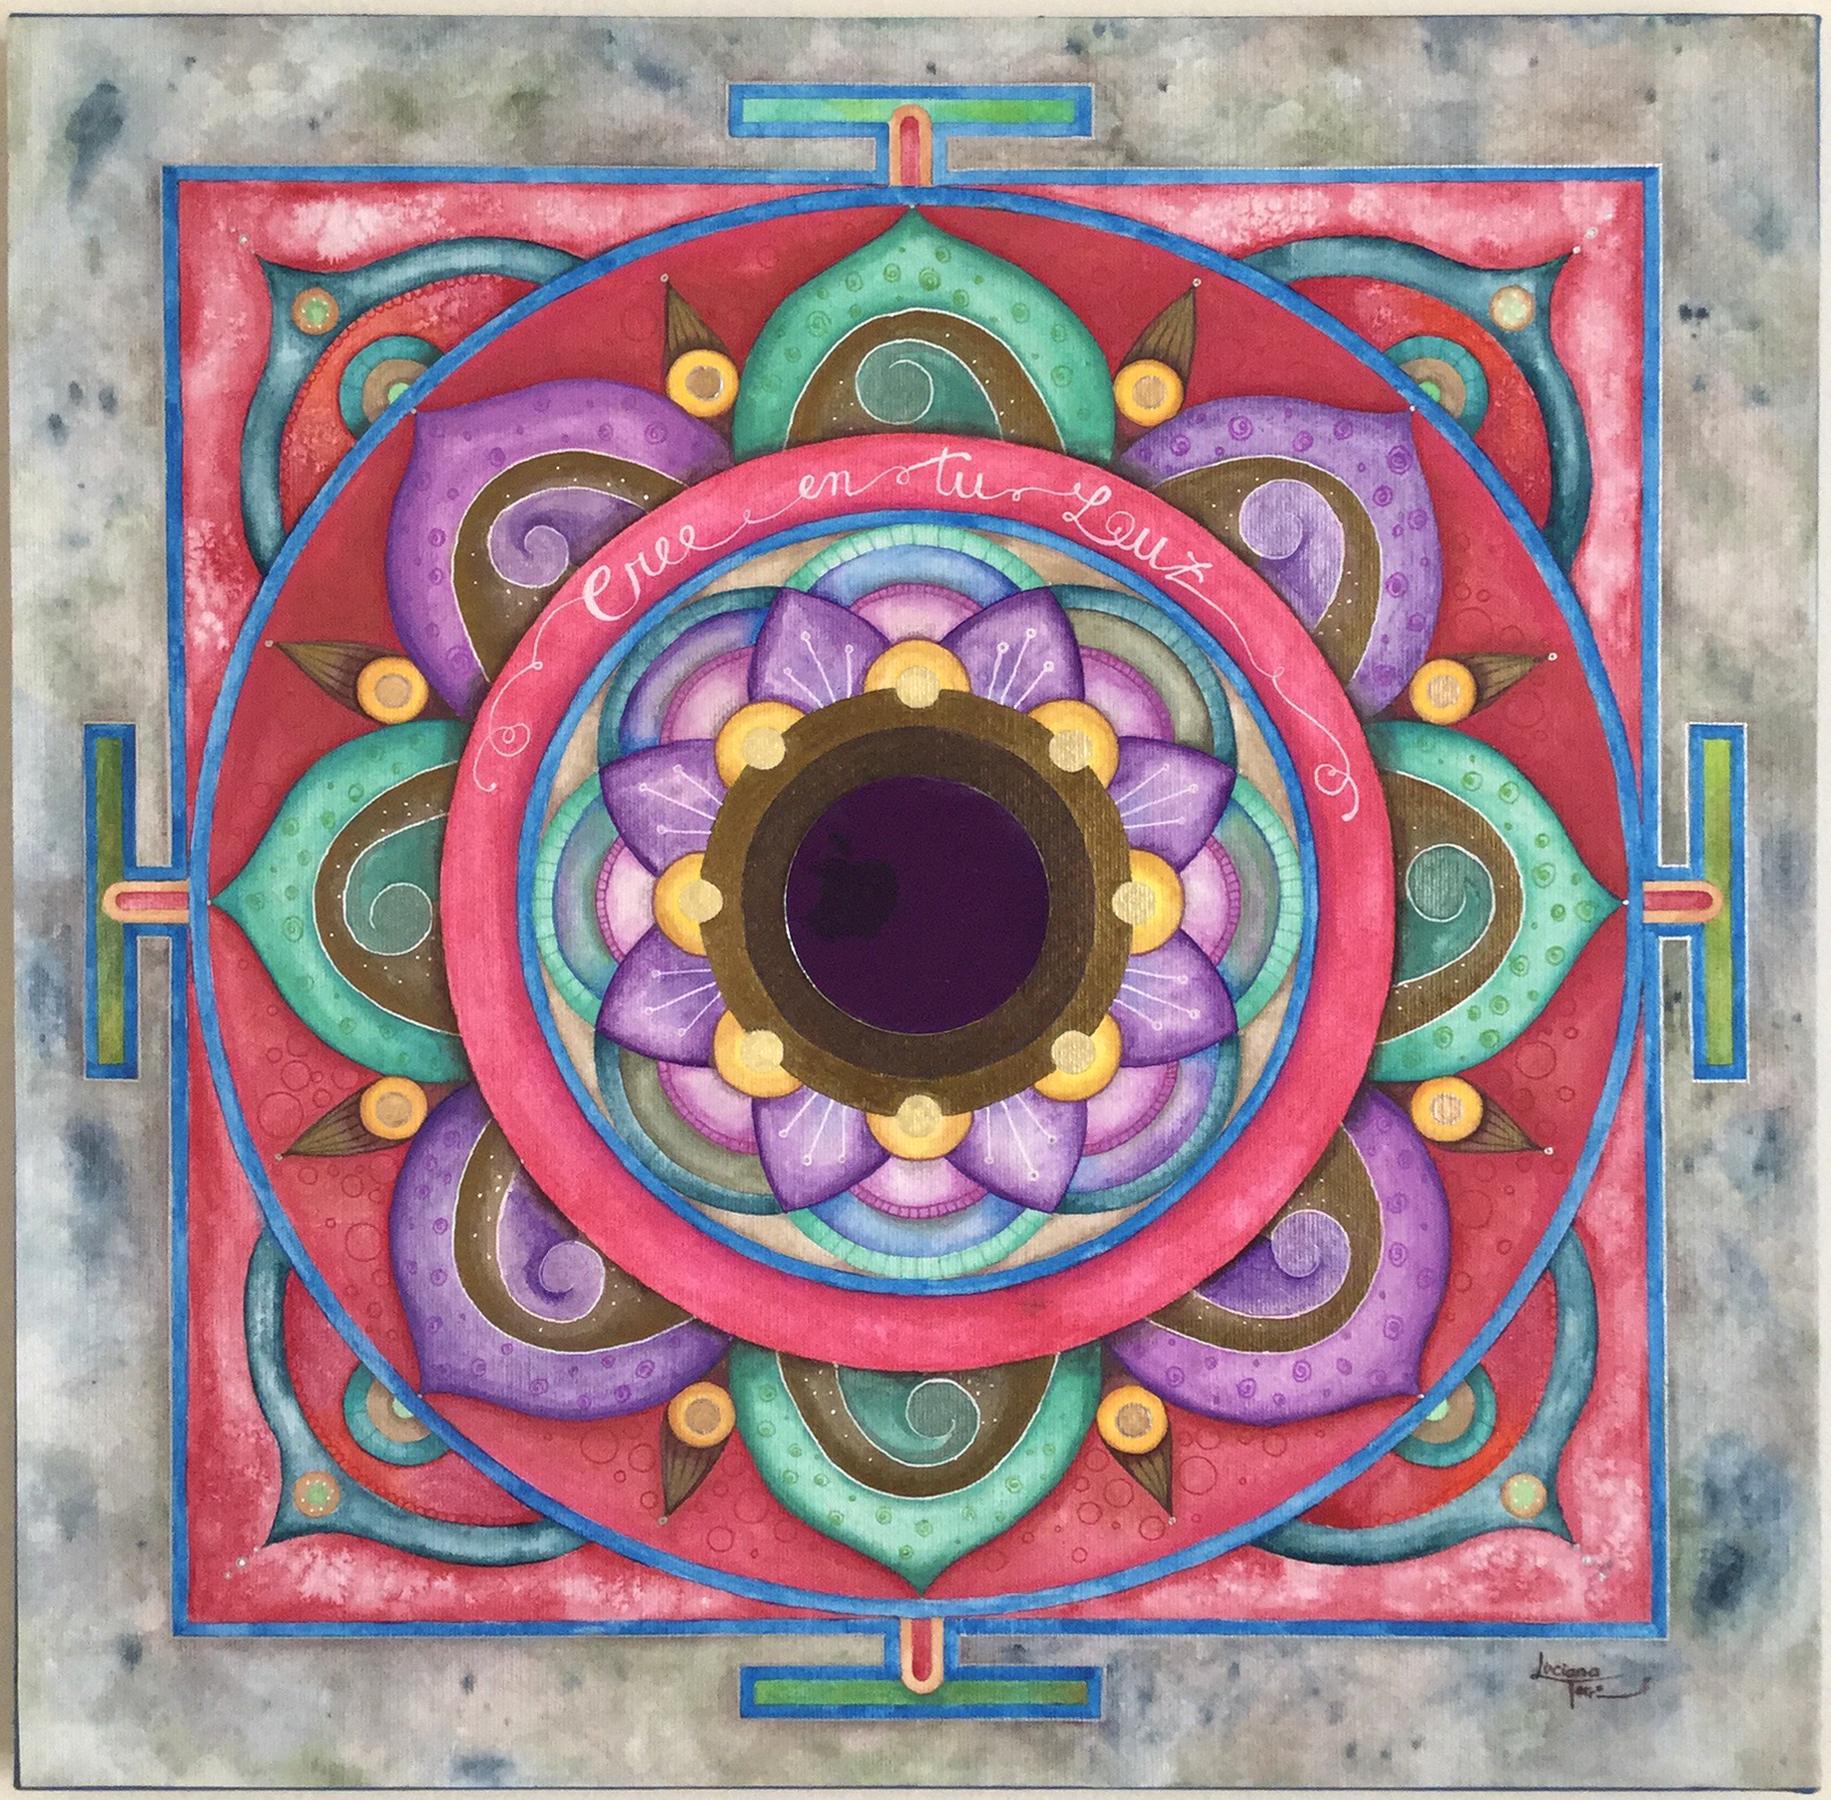 Quadro 'Mandala Cree en tu Luz' Dipinto su tela con acquerelli artigianali e metallizzati dall'artista Luciana Torre. Al centro è applicato uno specchio da 7,5 cm di diametro. Opera unica. Misure 50 x 50 cm. 130 EURO. Sono ogni volta un'opportunità per rispecchiare la tua luce ed invitarti a farla brillare ogni giorno di più, attingendo al tuo potere personale. Attraverso lo specchio centrale rifletto l'evoluzione di tutte le tue immagini, portandoti sempre al momento presente. #mandala #mandalapersonalizado #mandalapersonal #mandalacreativo #mandalapainting #mandalaart